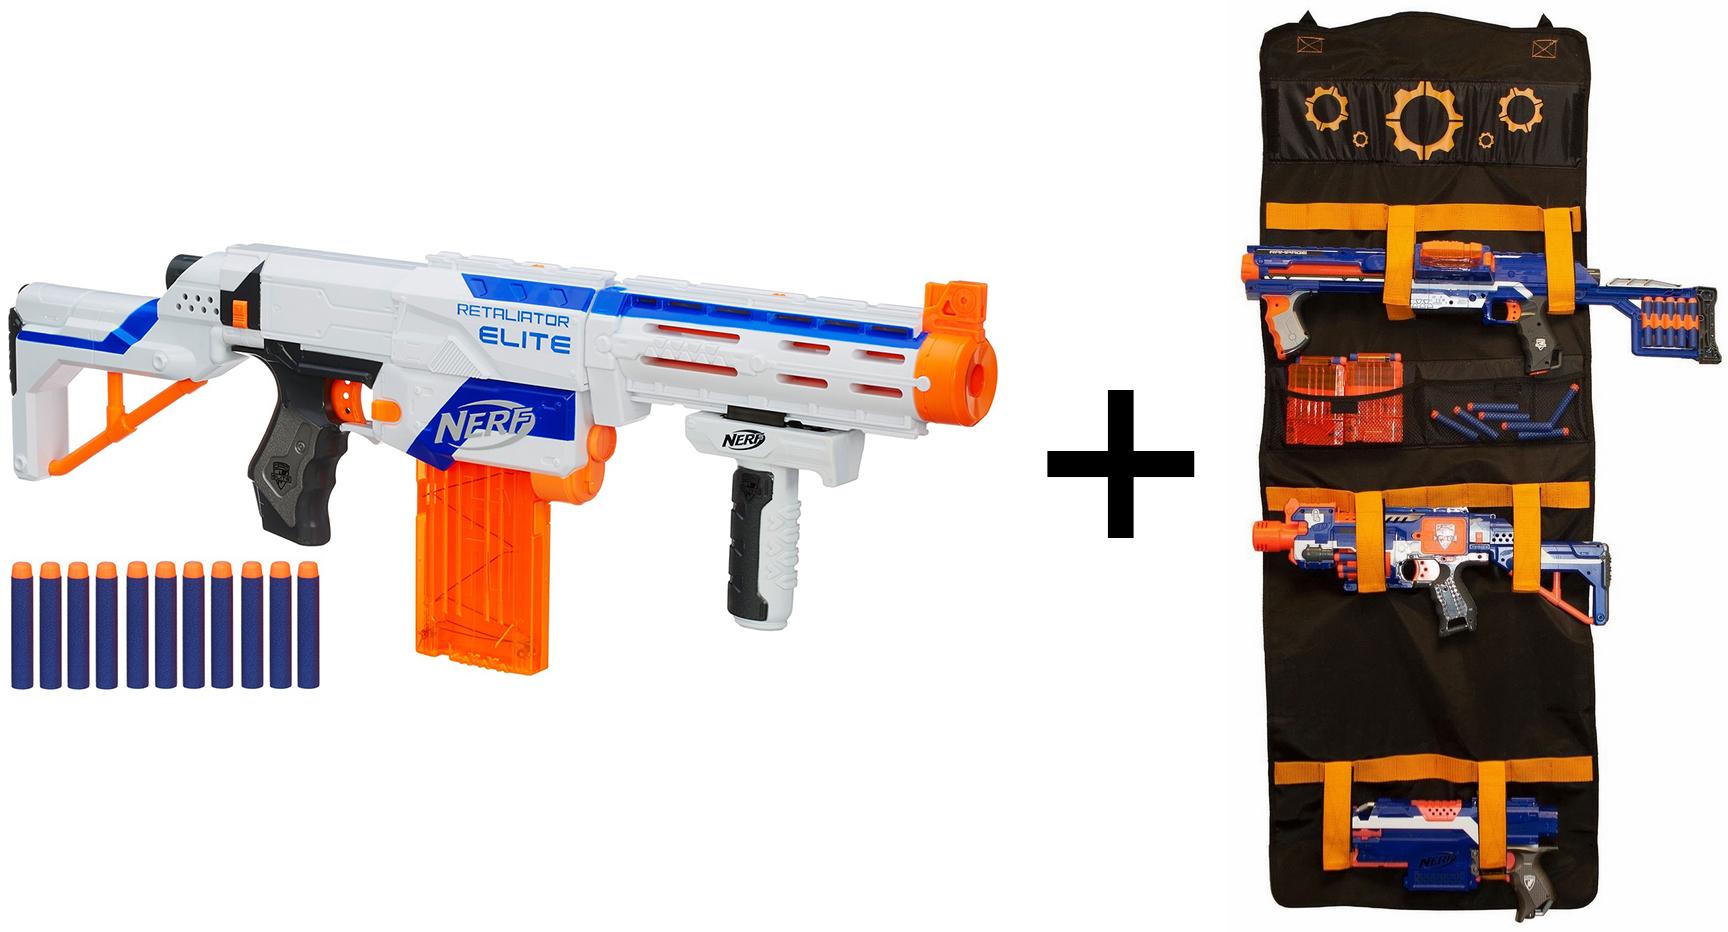 Fusil Nerf Elite Retaliator XD + pack de transport Nerf Elite Splash Toys offert (valeur 39,99€)